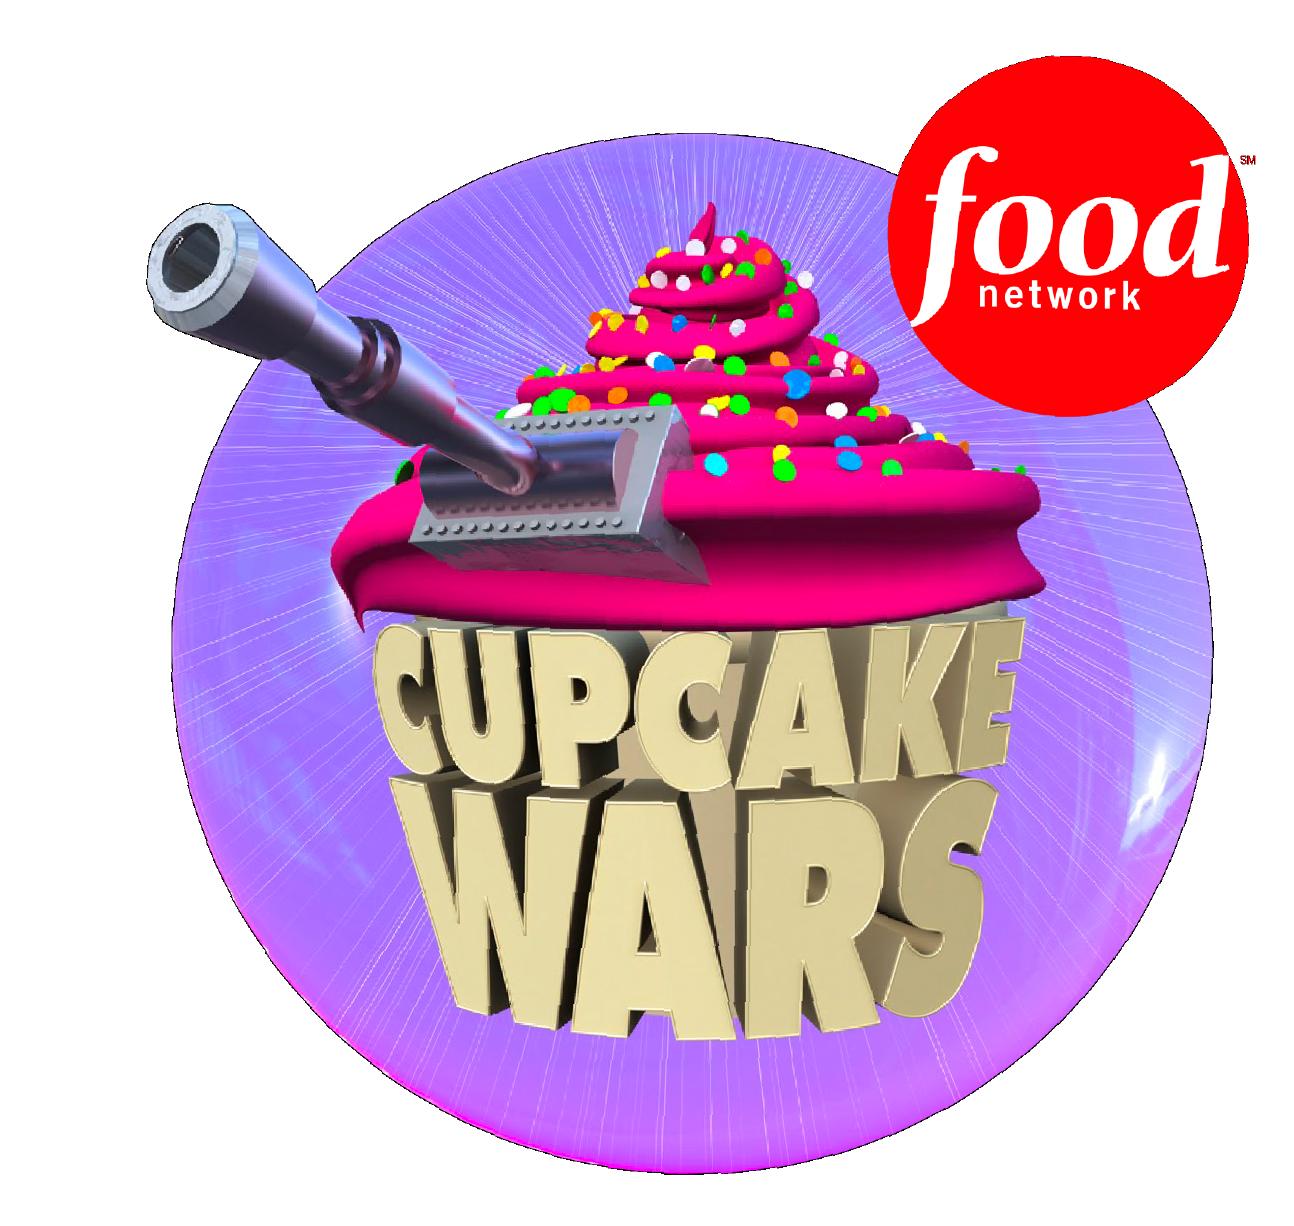 Cupcake wars logo